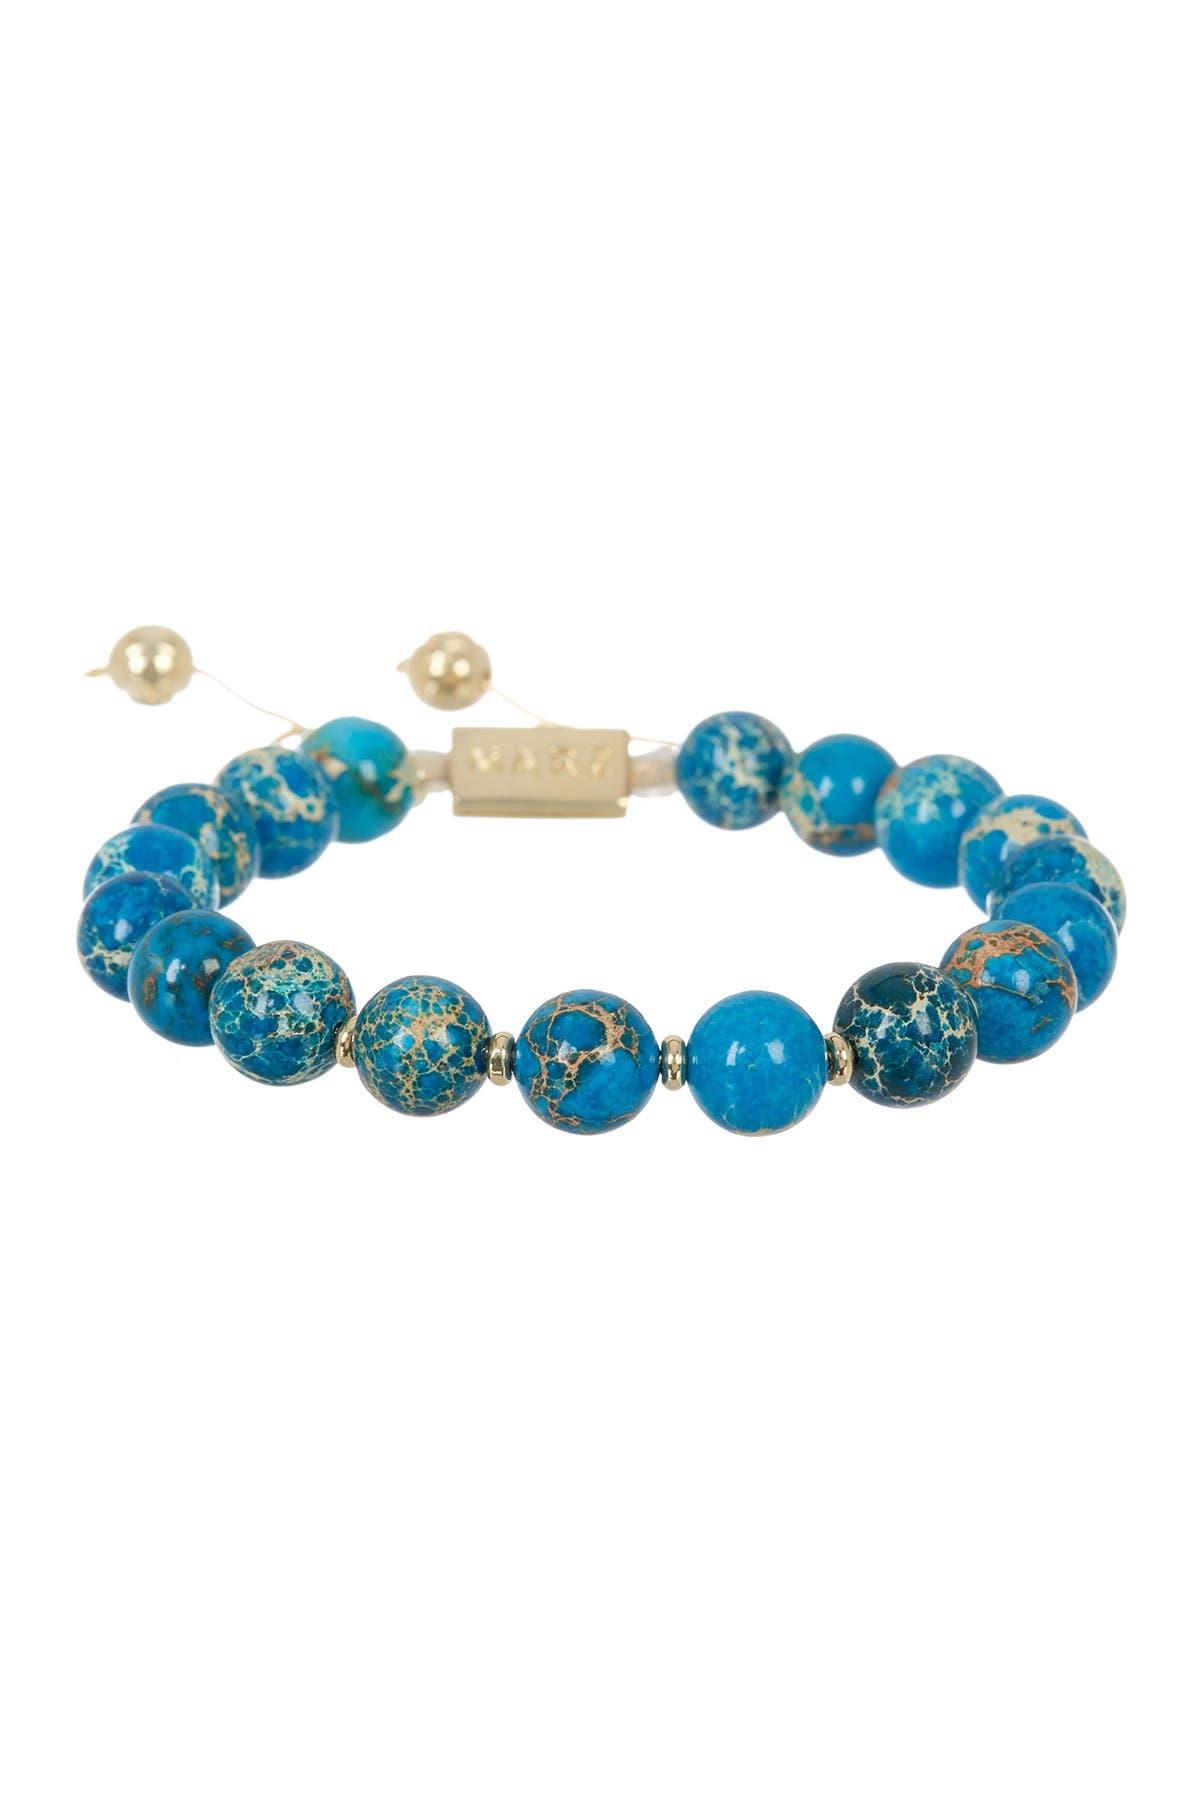 Image of Marz The Sea Foam Beaded Bracelet